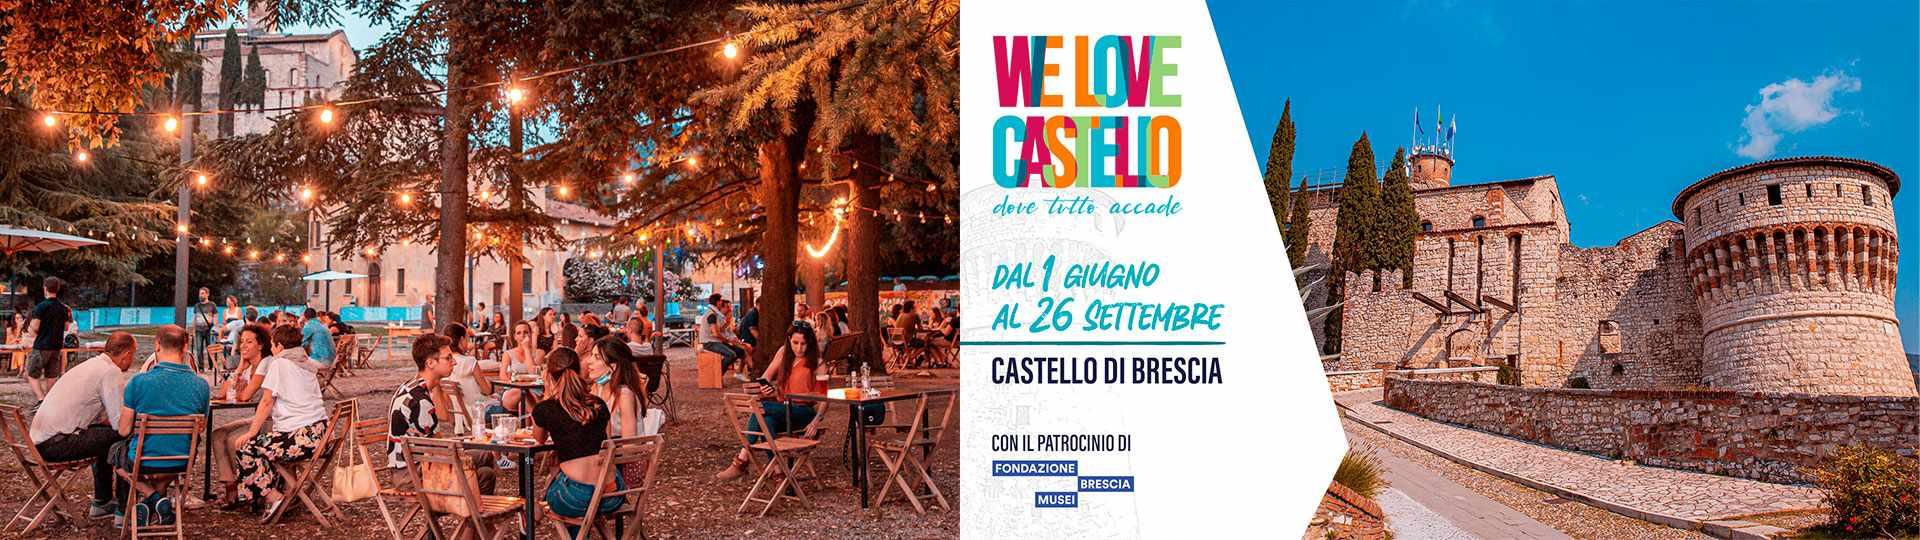 header_news_welovecastello_sponsor_bonera.jpg